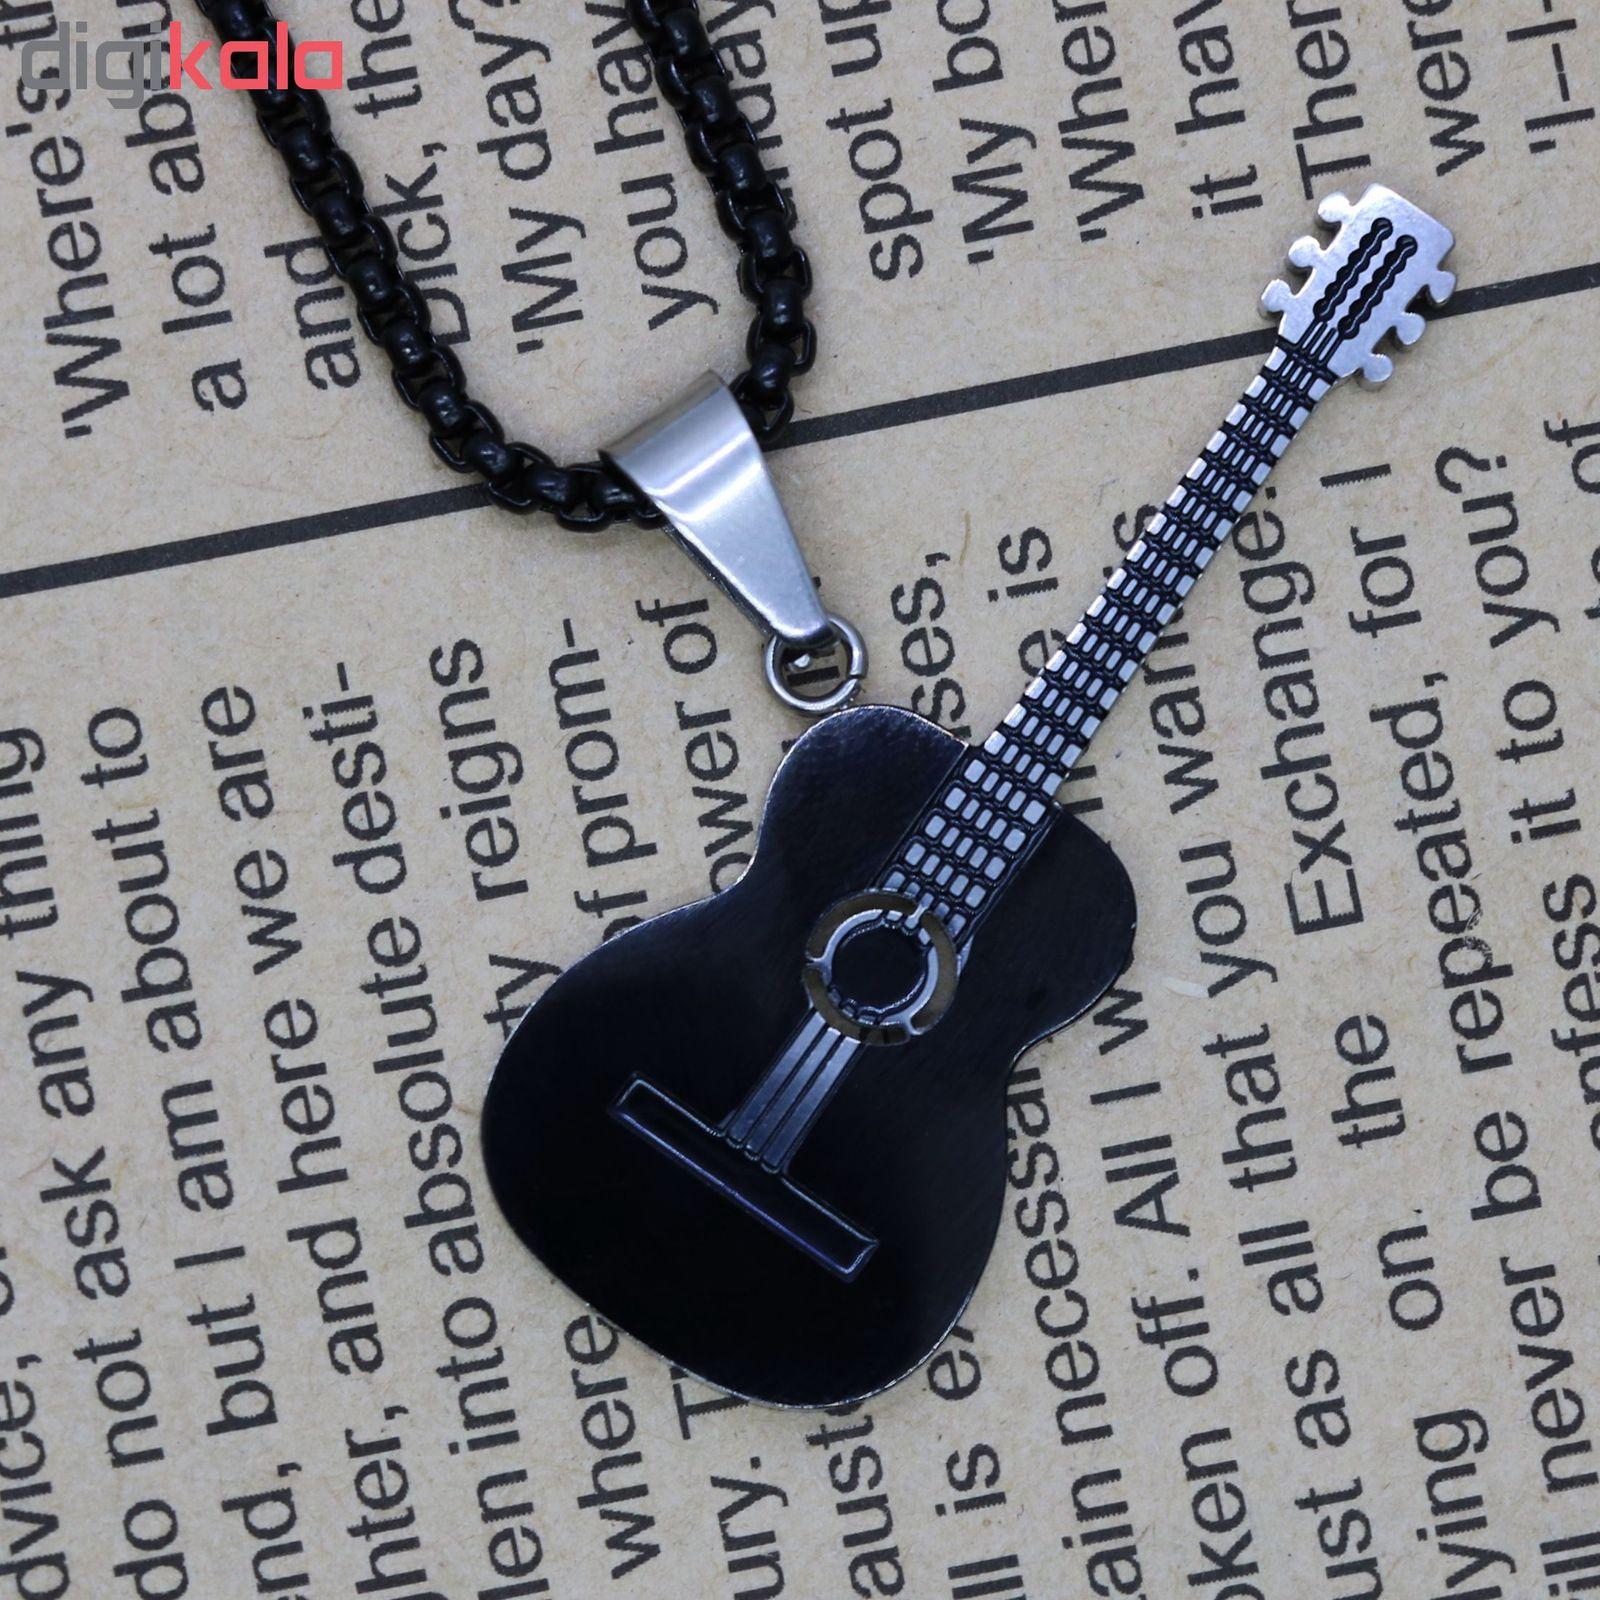 گردنبند مردانه طرح گیتار کد g900 main 1 2